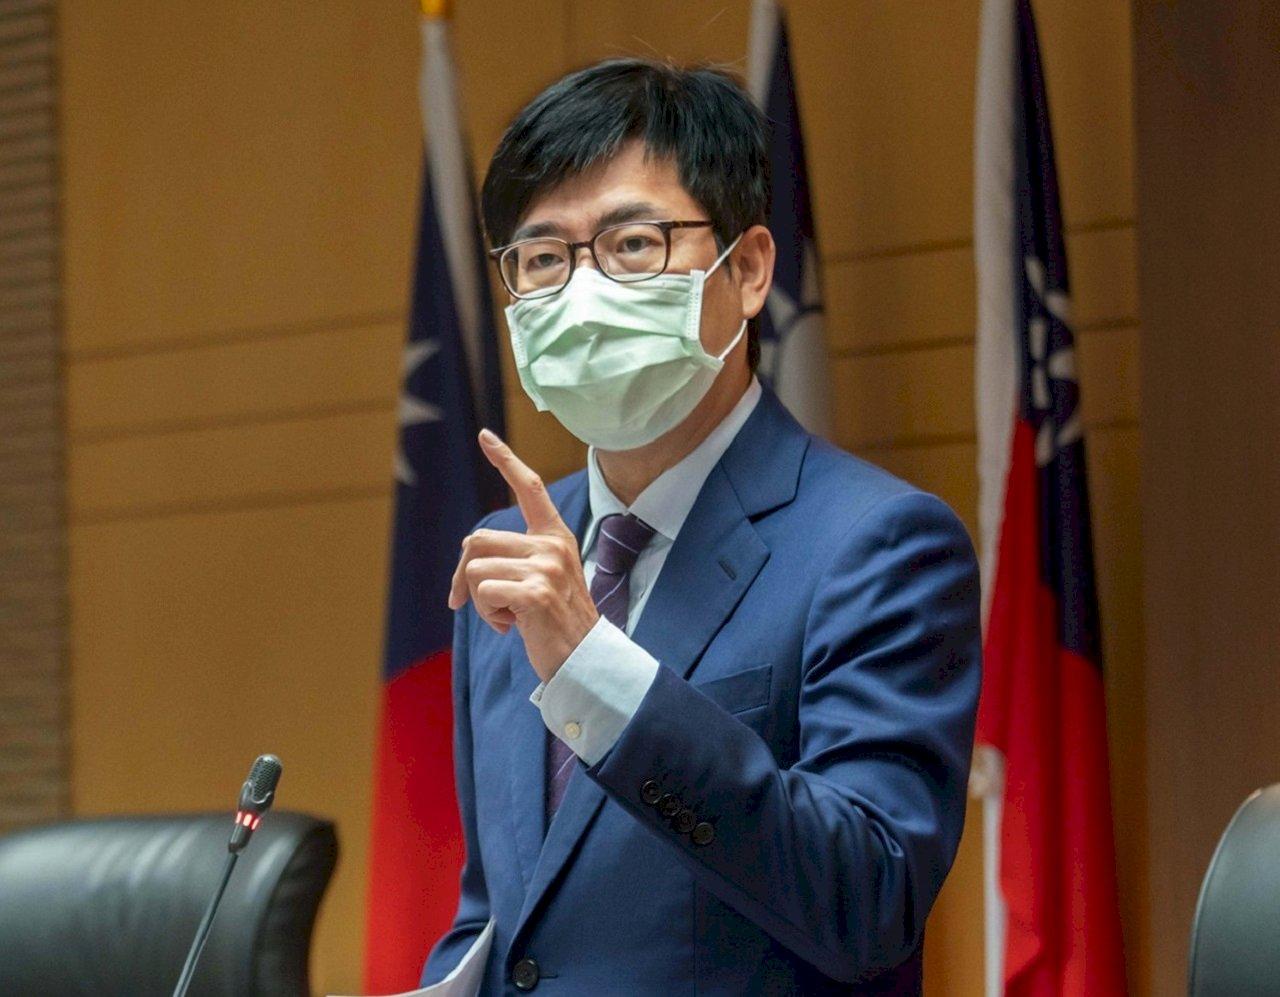 高市防疫警戒 陳其邁:大範圍匡列、祭六大措施阻疫情蔓延